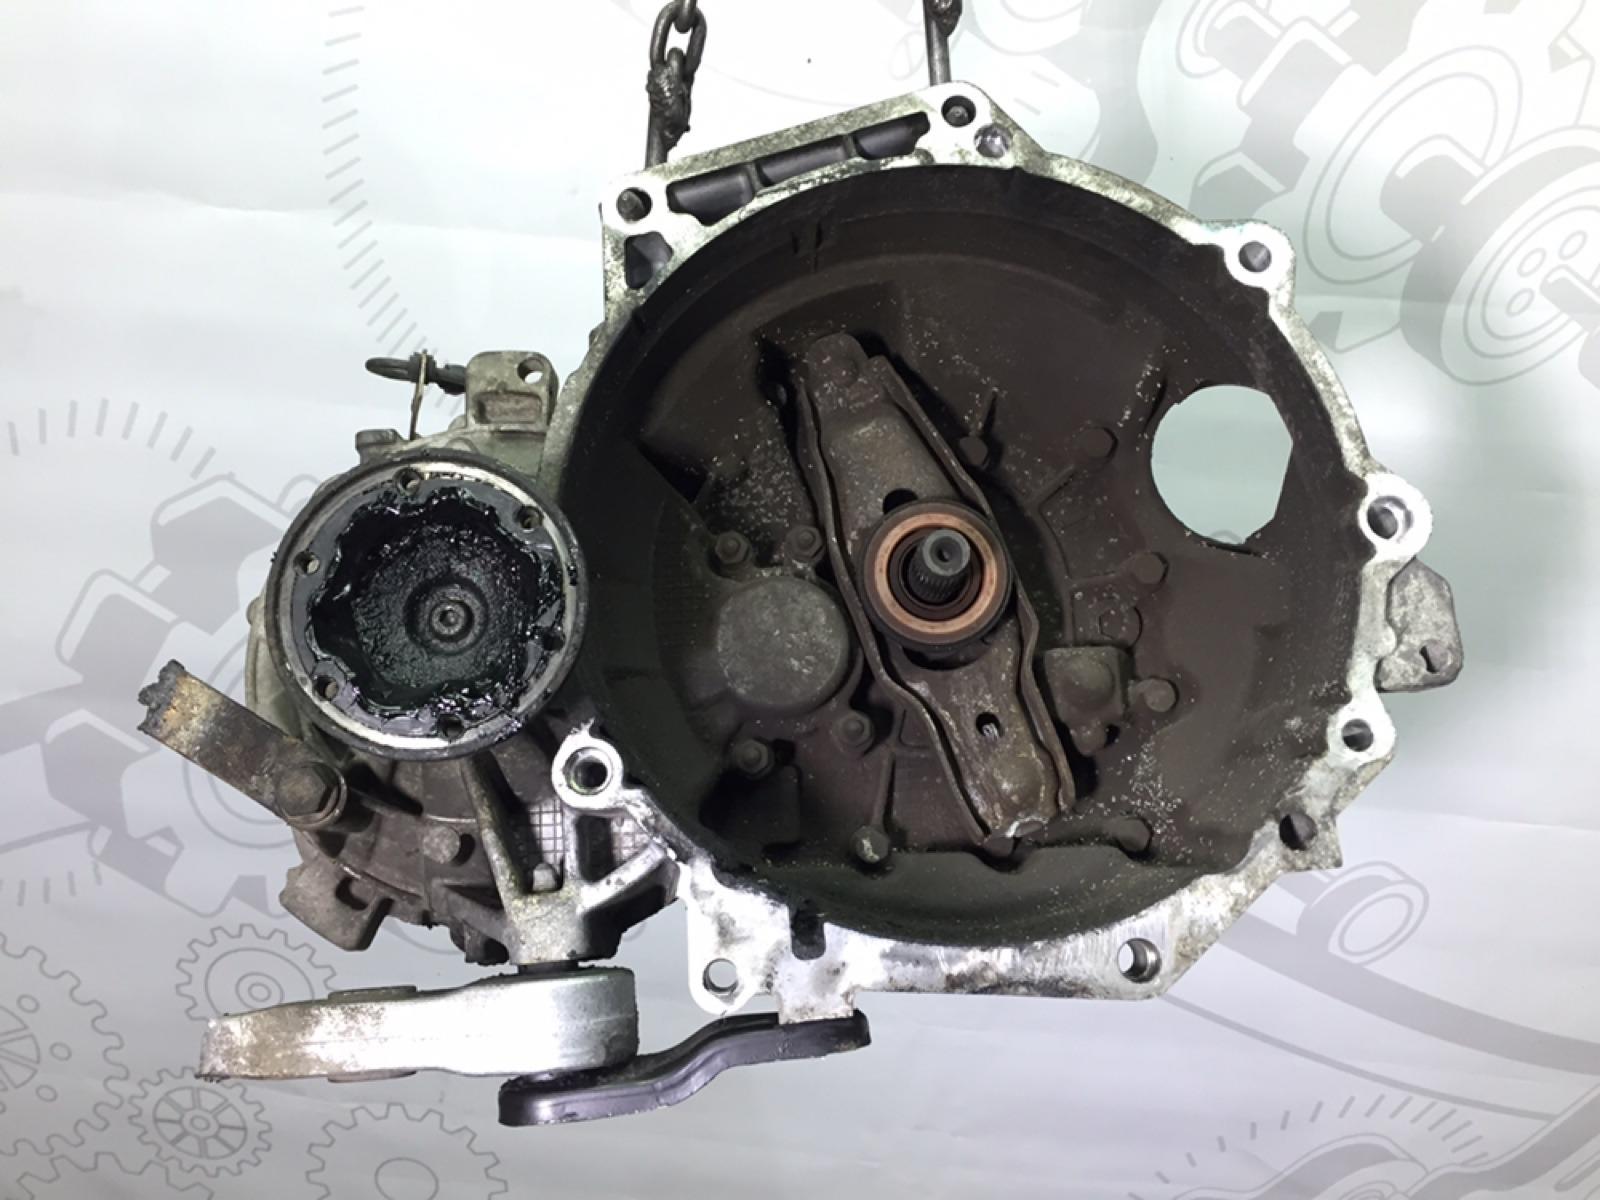 Кпп механическая (мкпп) Volkswagen Passat B6 1.9 TDI 2007 (б/у)